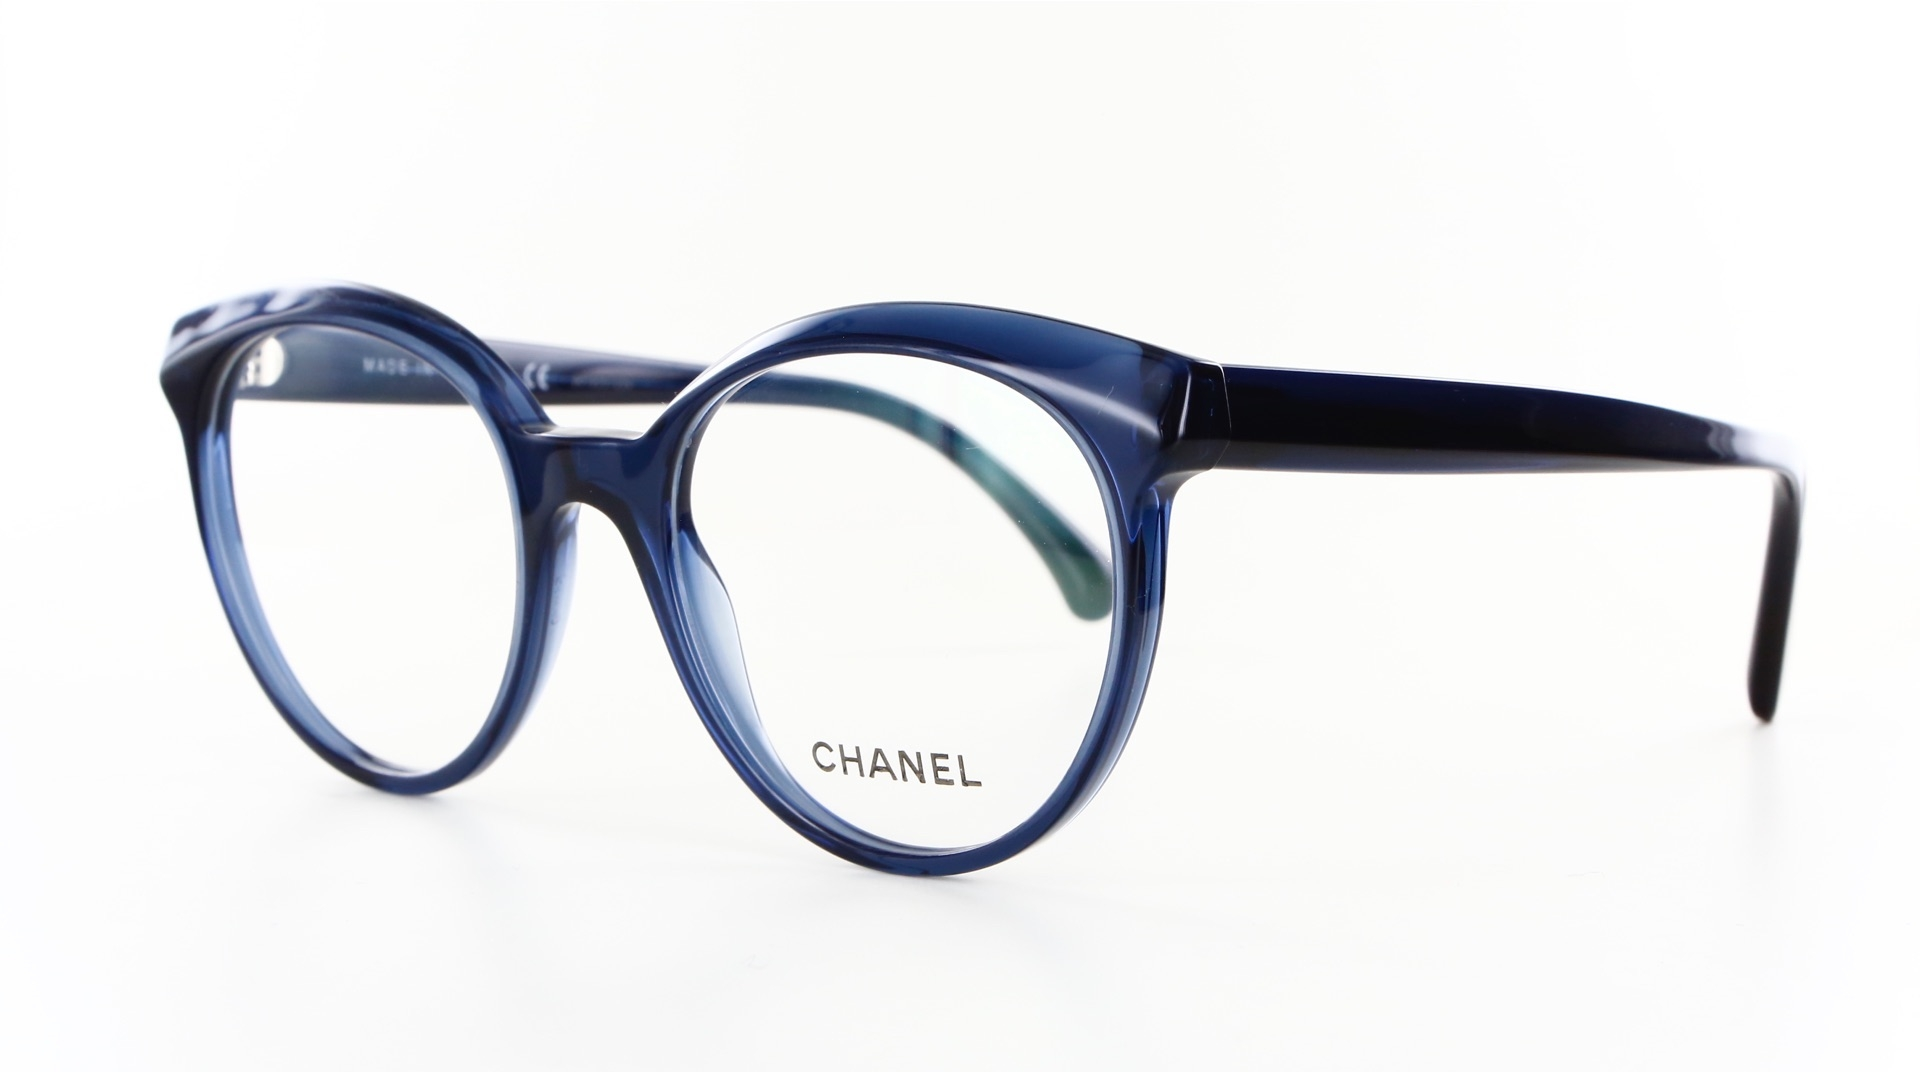 Chanel - ref: 76685